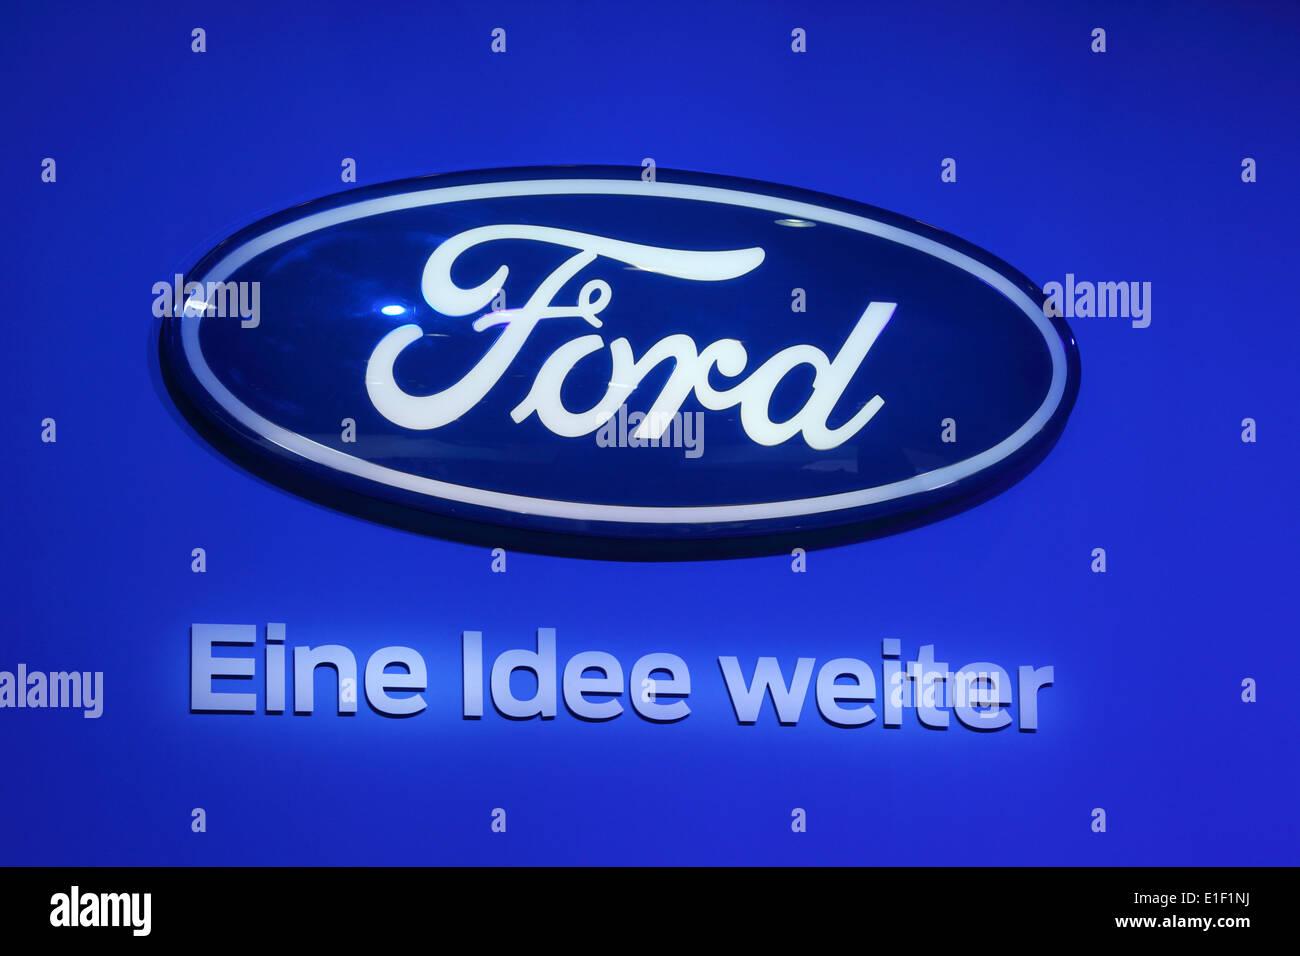 Ford Logo und Motto - Eine Idee Weiter (eine Idee nach vorne) auf der AMI - Auto Mobil International Trade Fair am 1. Juni 2014 in Stockbild